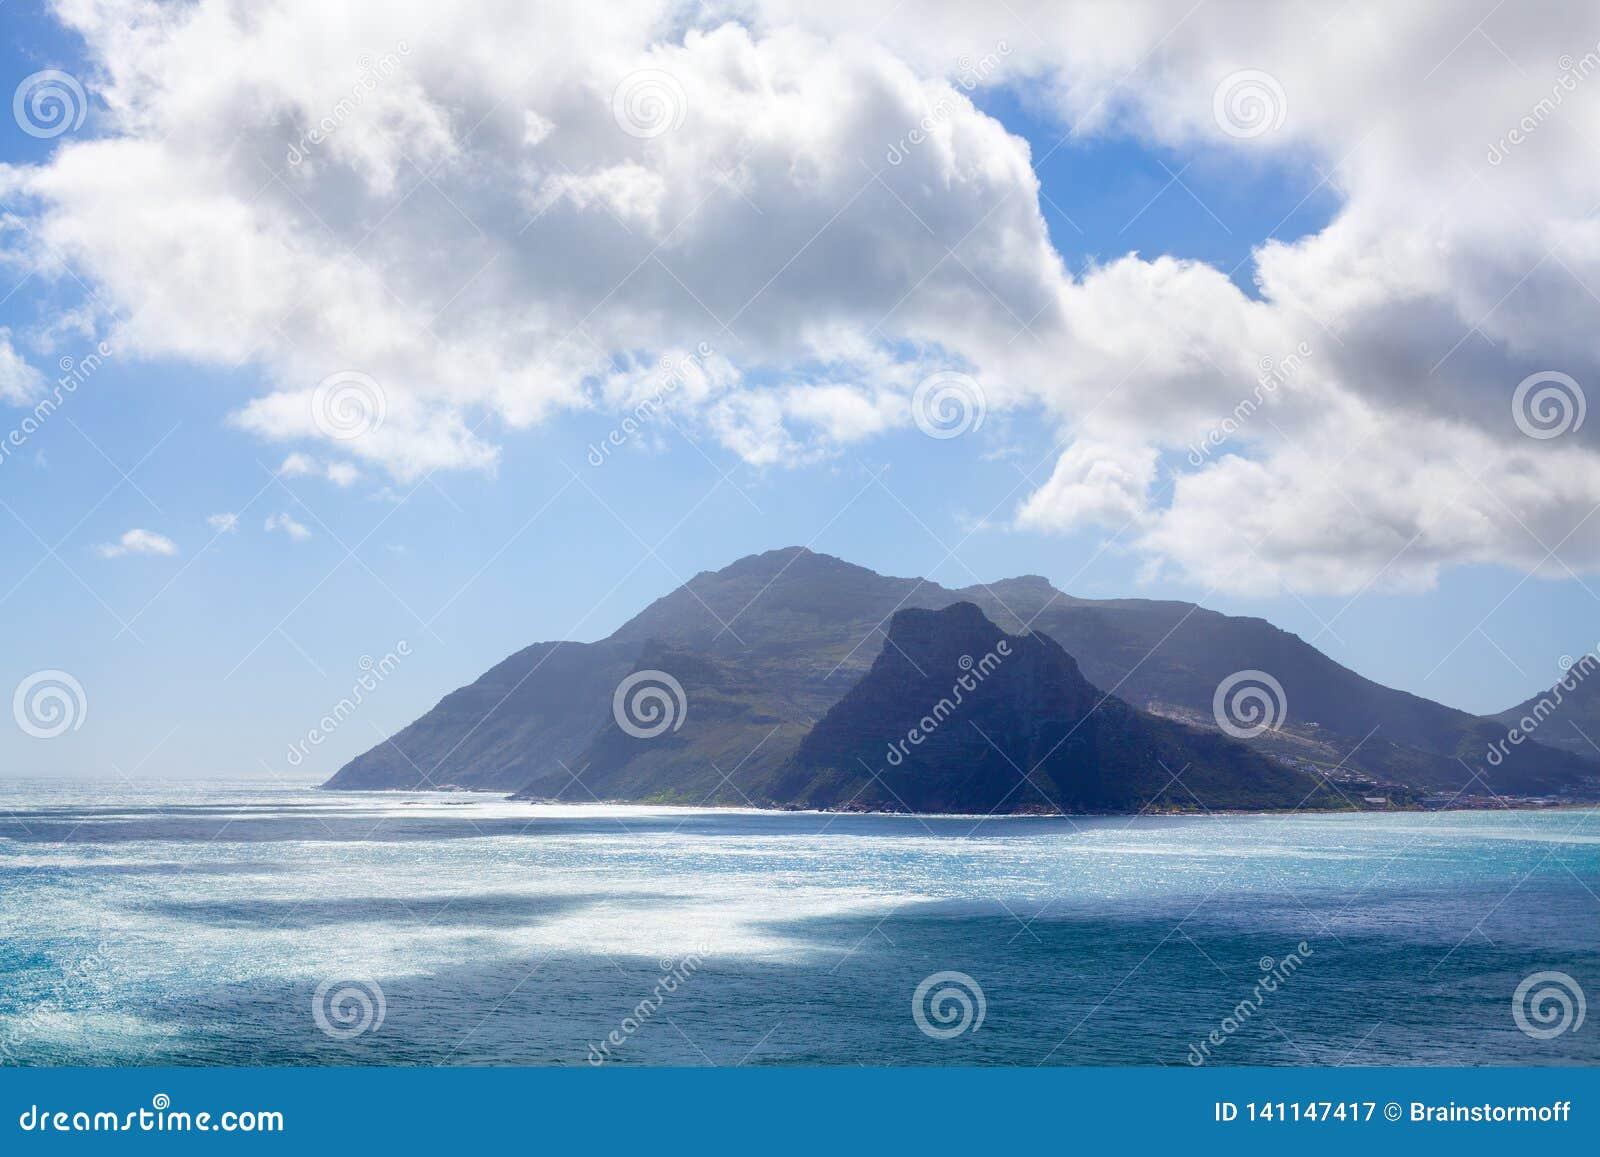 海景绿松石海洋水,天空蔚蓝,白色云彩全景,山景风景,开普敦,南非海岸旅行